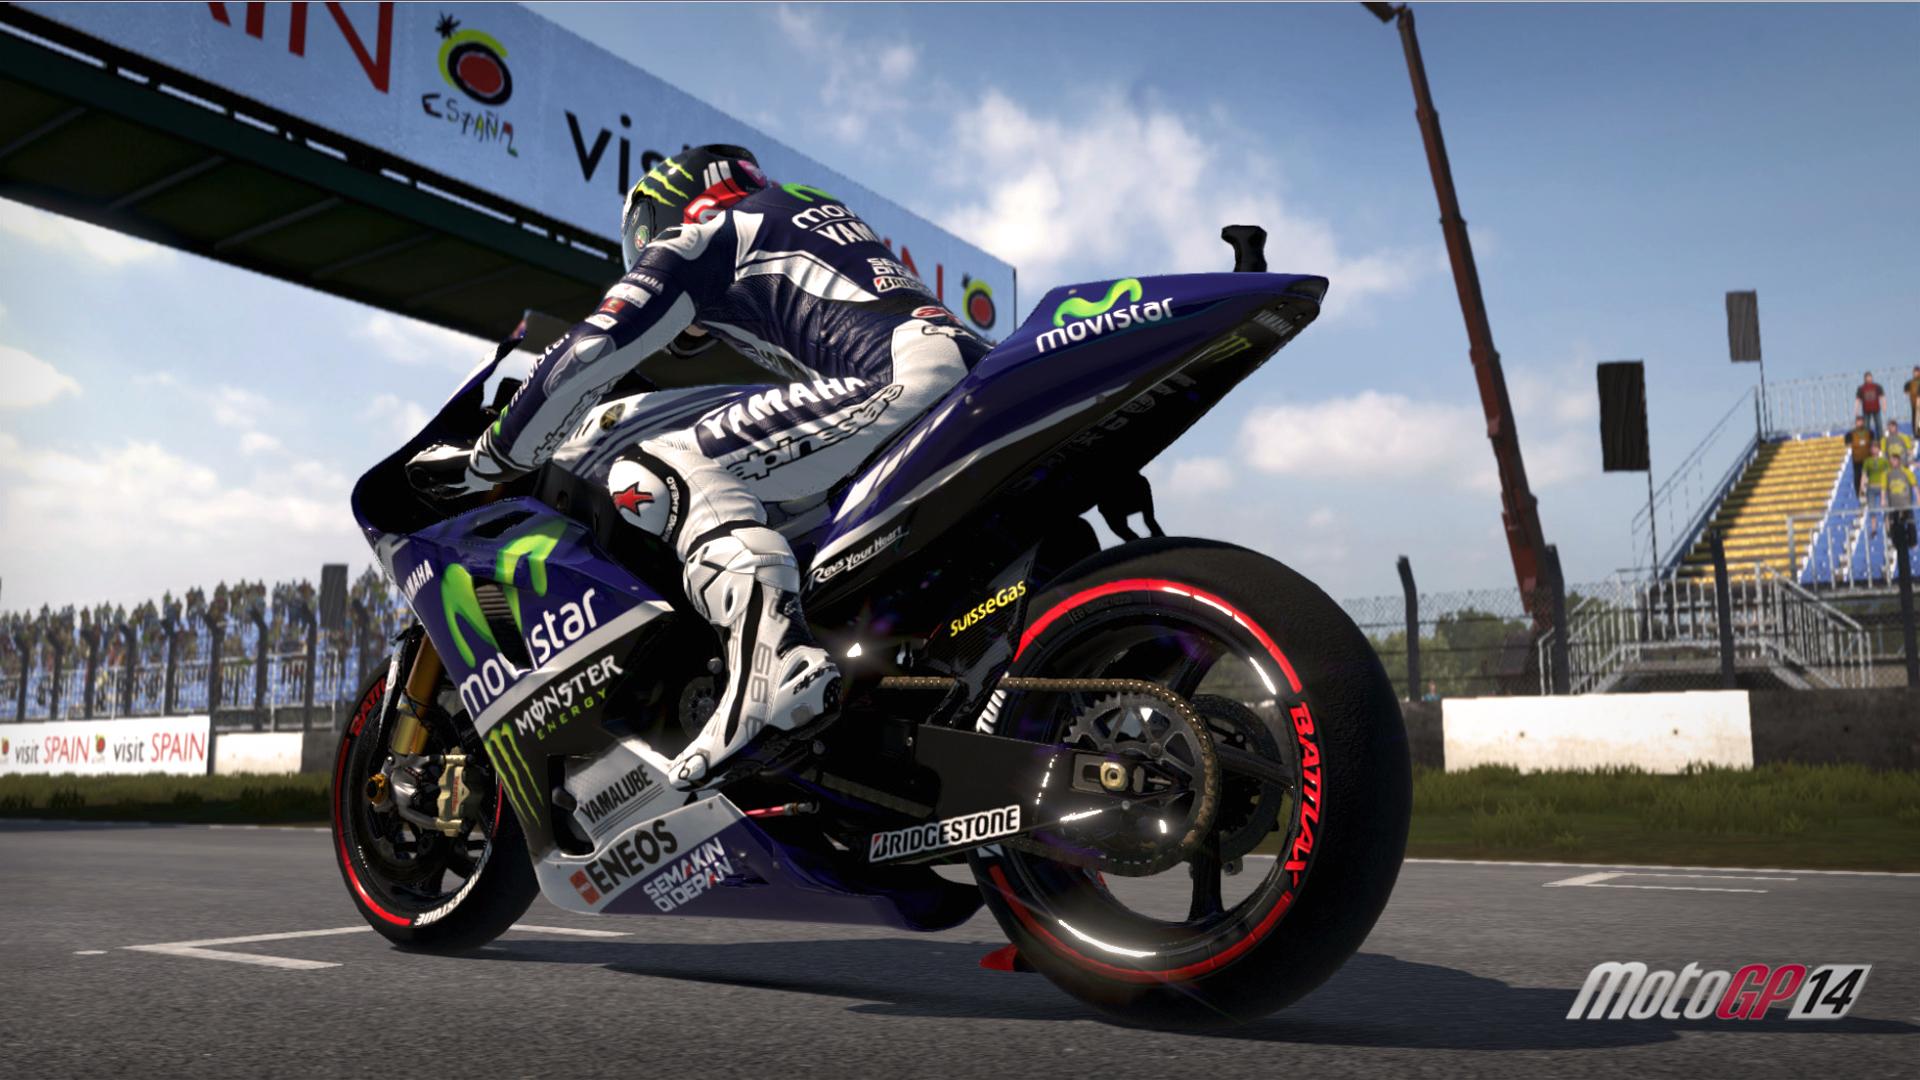 MotoGP14 Donington Park British Grand Prix DLC screenshot